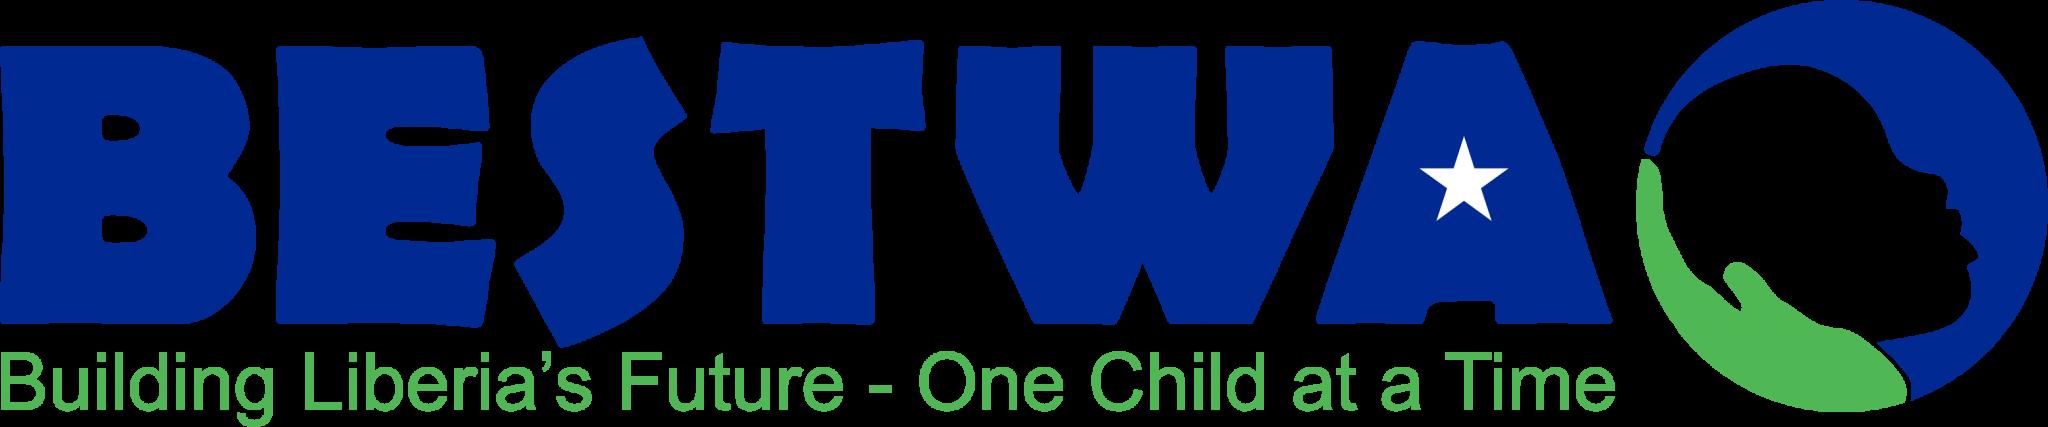 BESTWA-Logo-2048x427